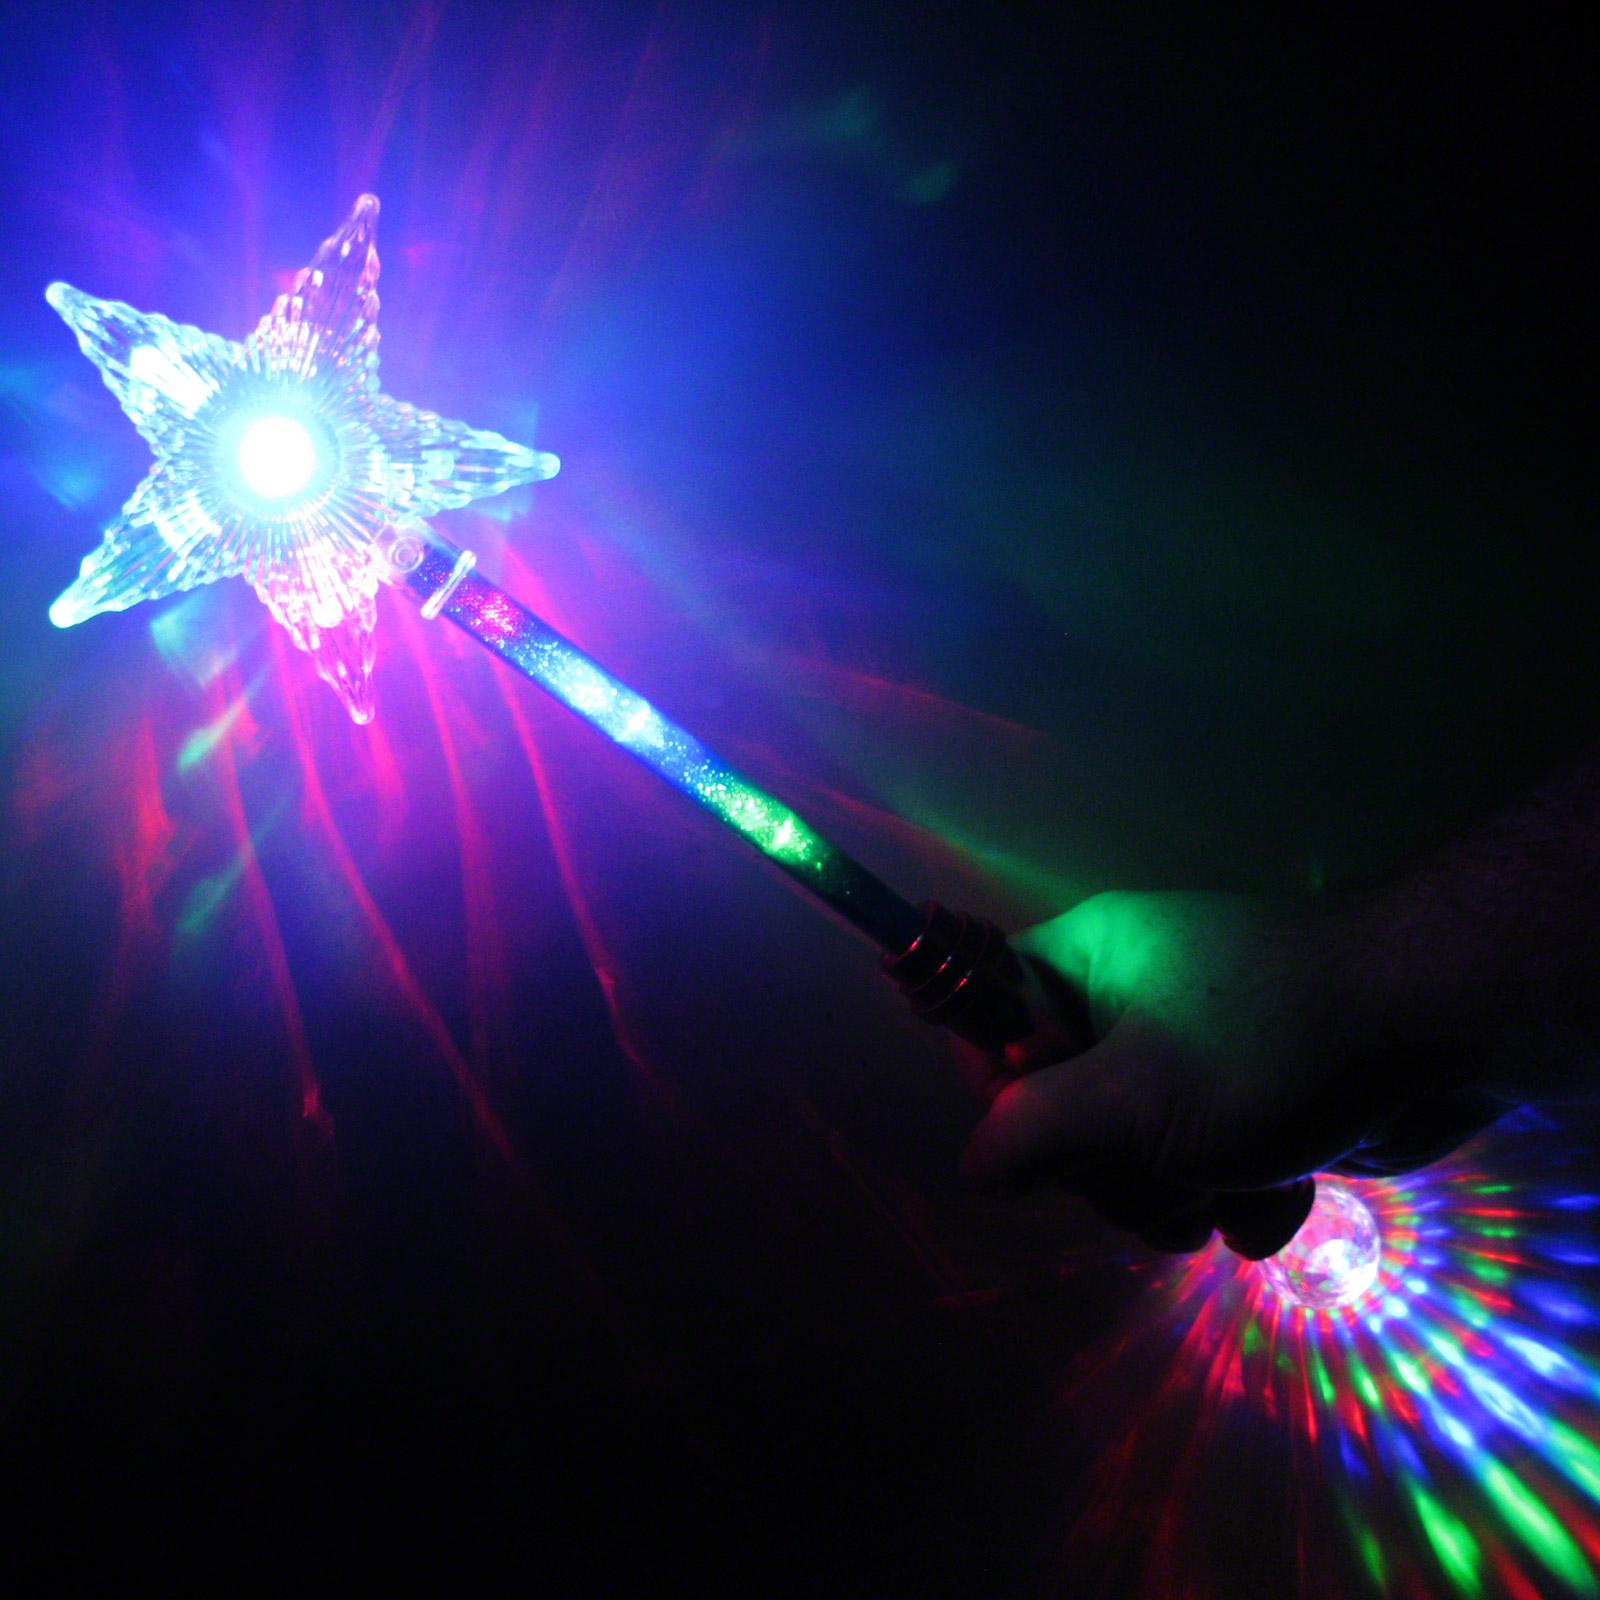 Flashing Star Wand Wholesale